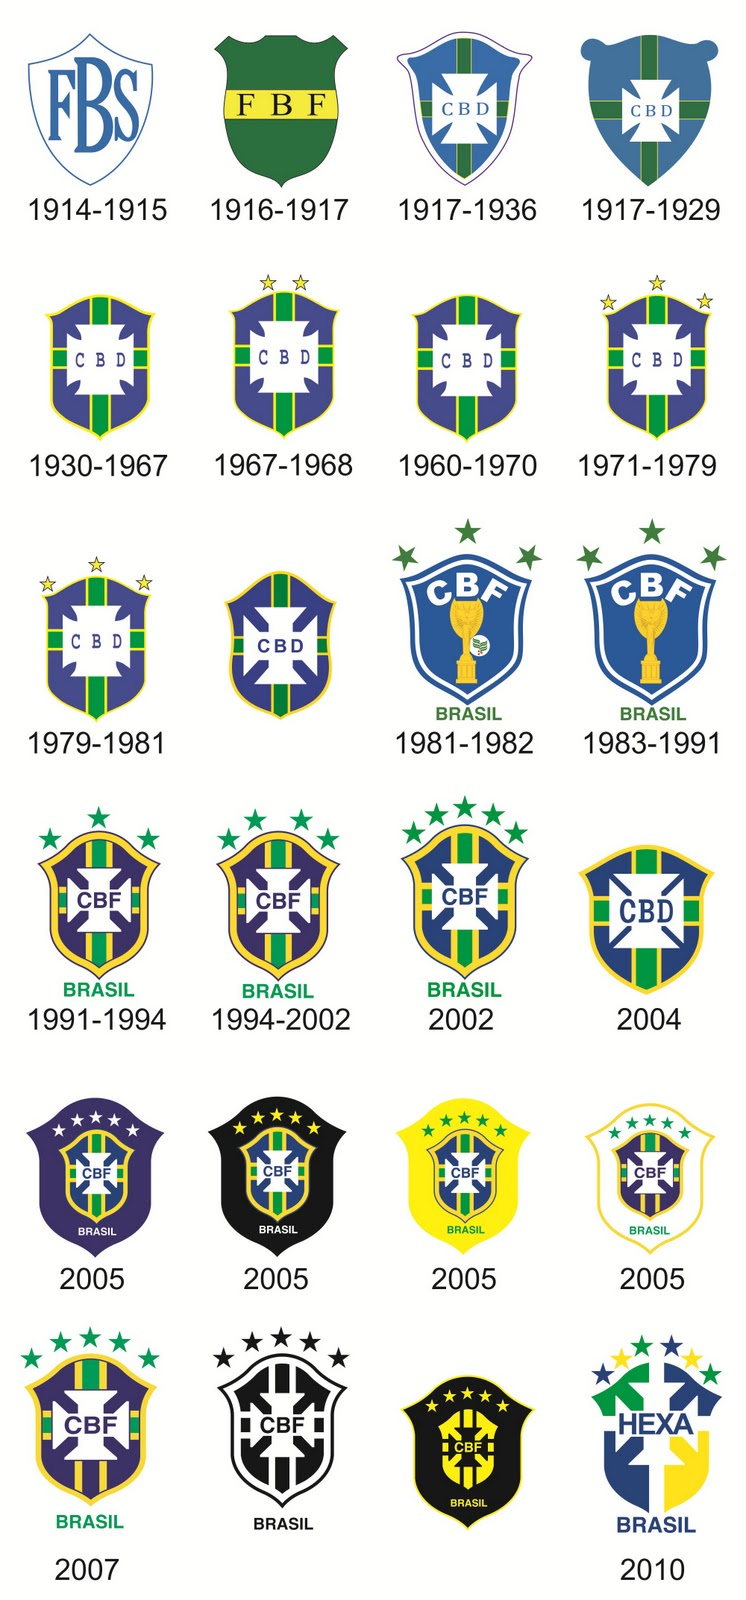 b566eb43f2 O escudo da CBF para a Seleção e campeões nacionais